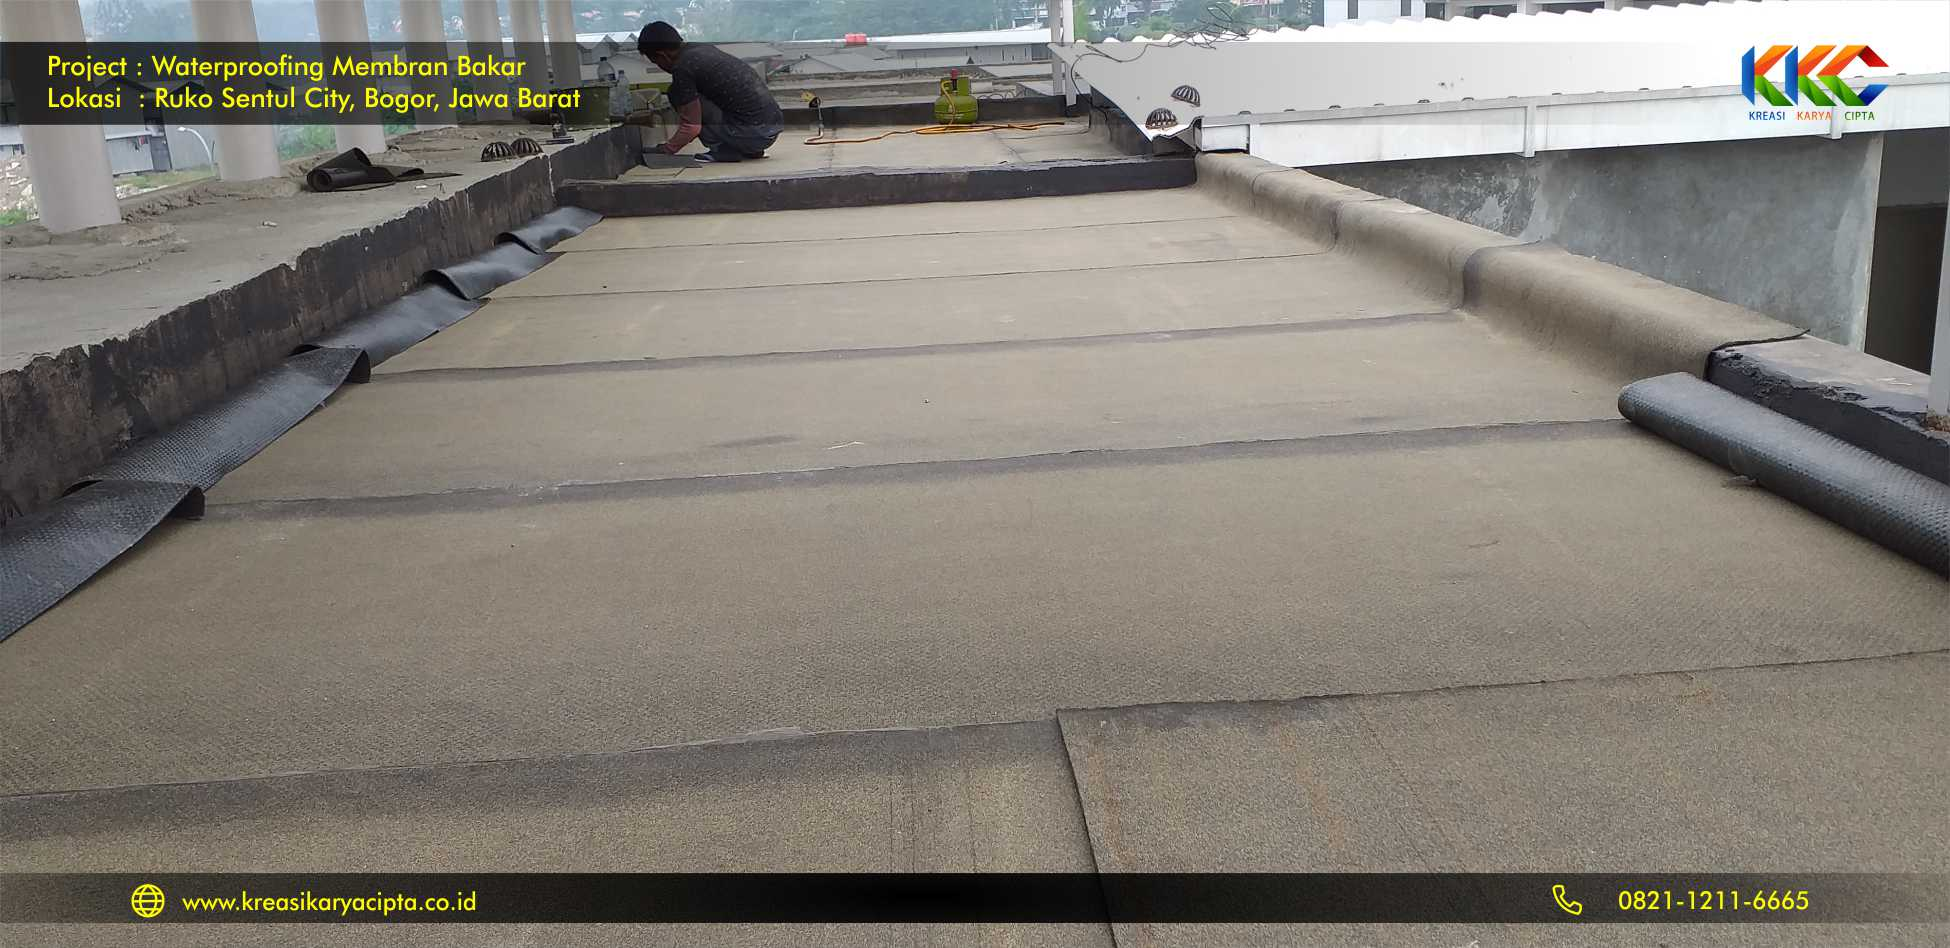 waterproofing membran bakar ruko sentul city 4